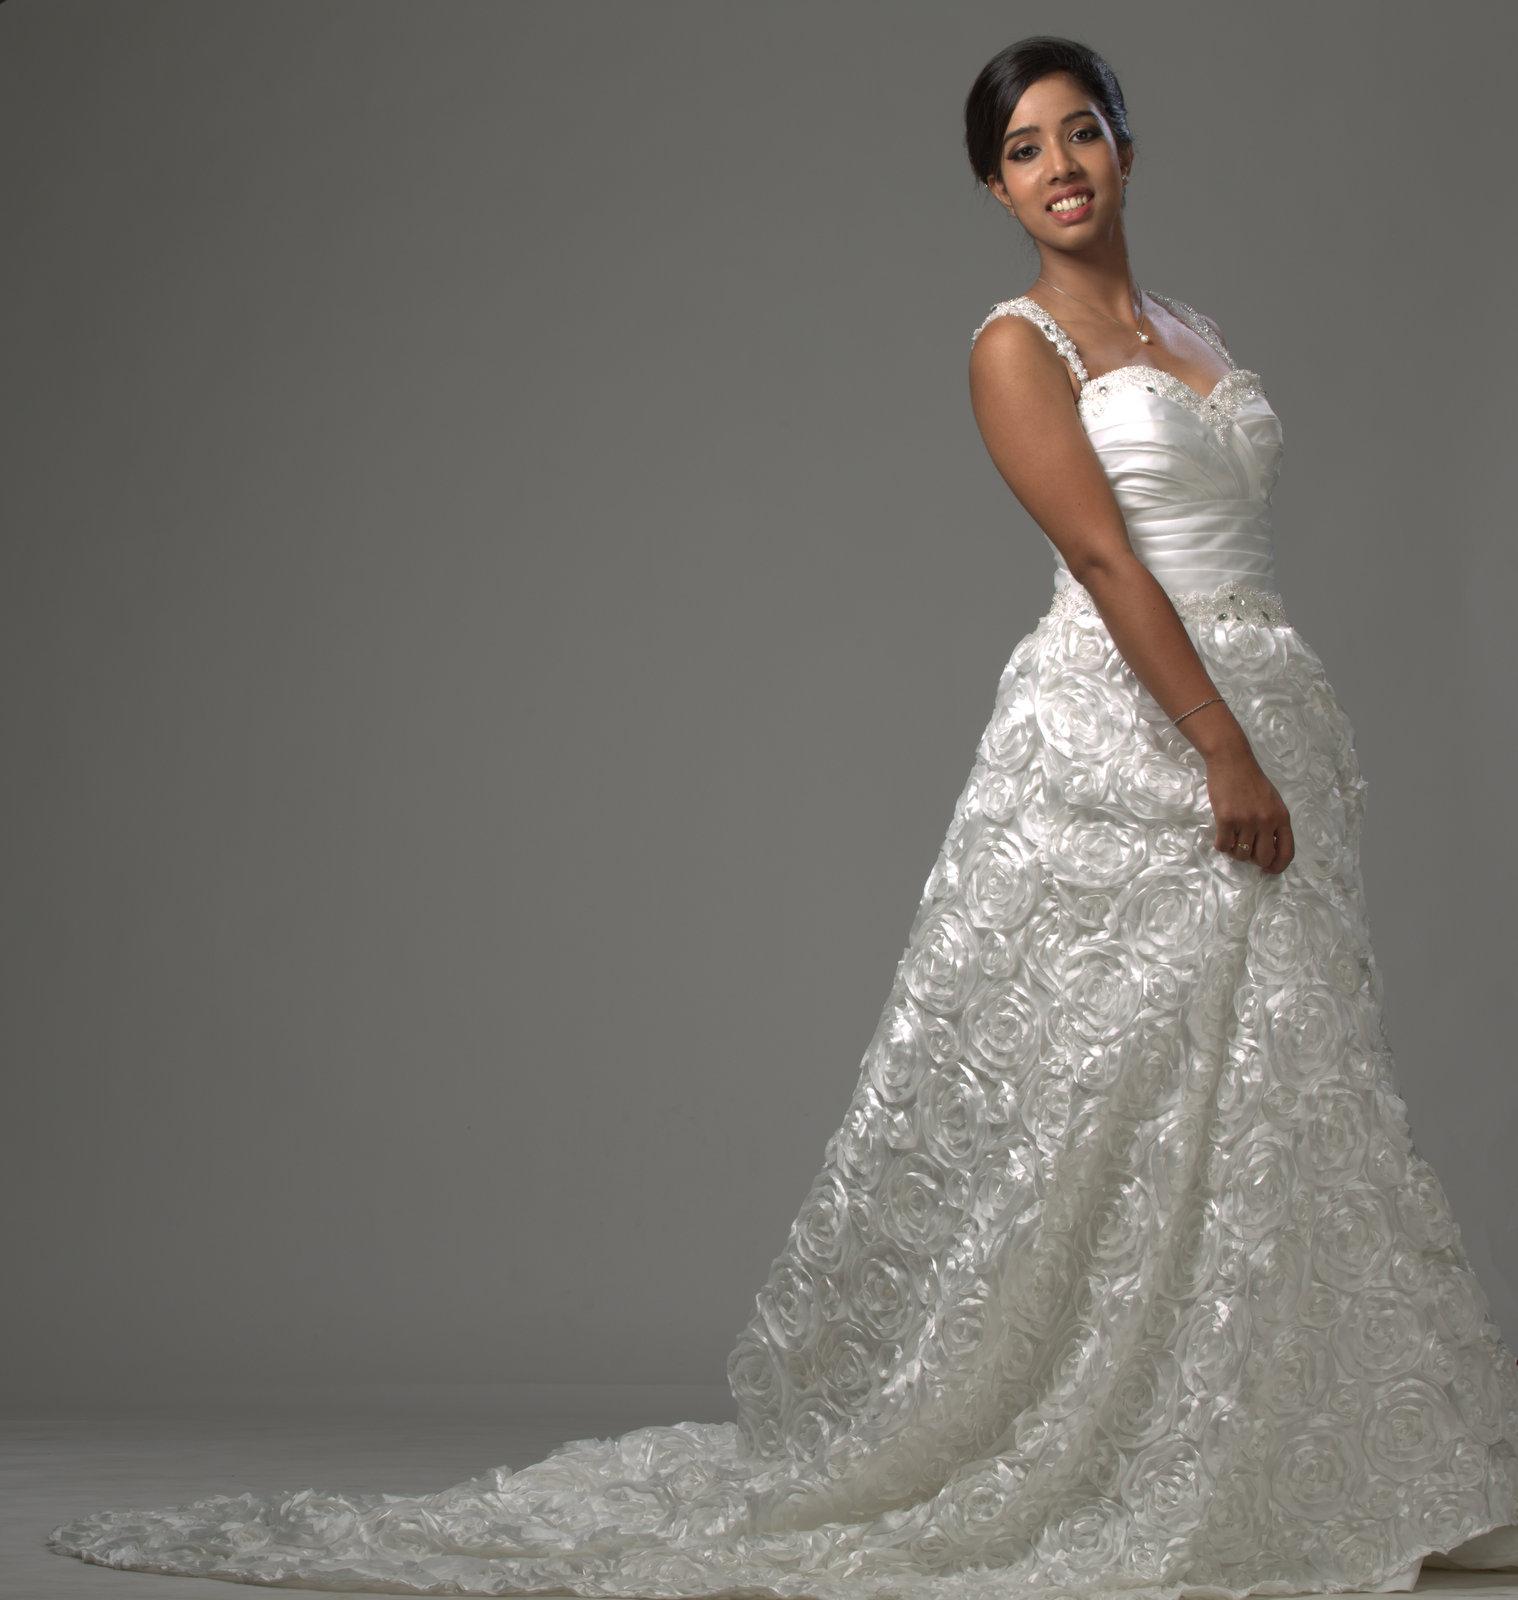 Altar Ego Wedding: Wedding Gowns In Kerala - D'Aisle Bridals